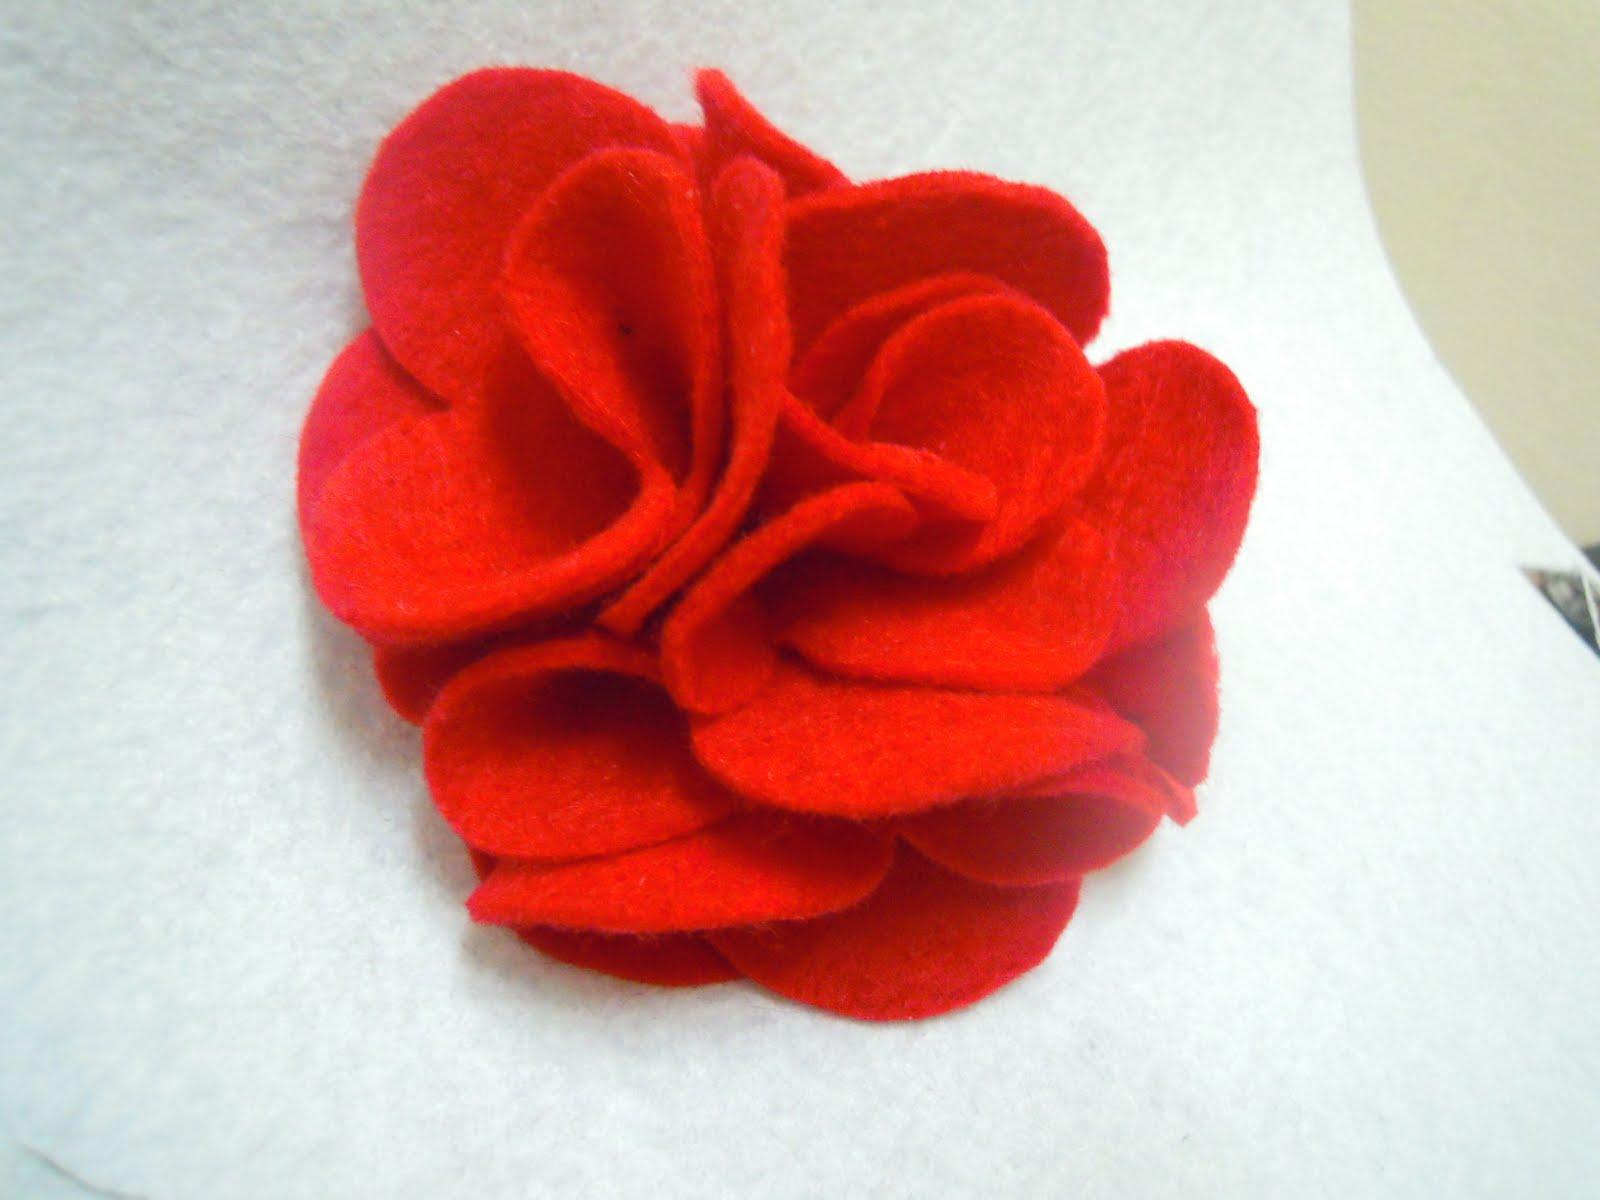 Ros merah felt ni nampak segar je kan